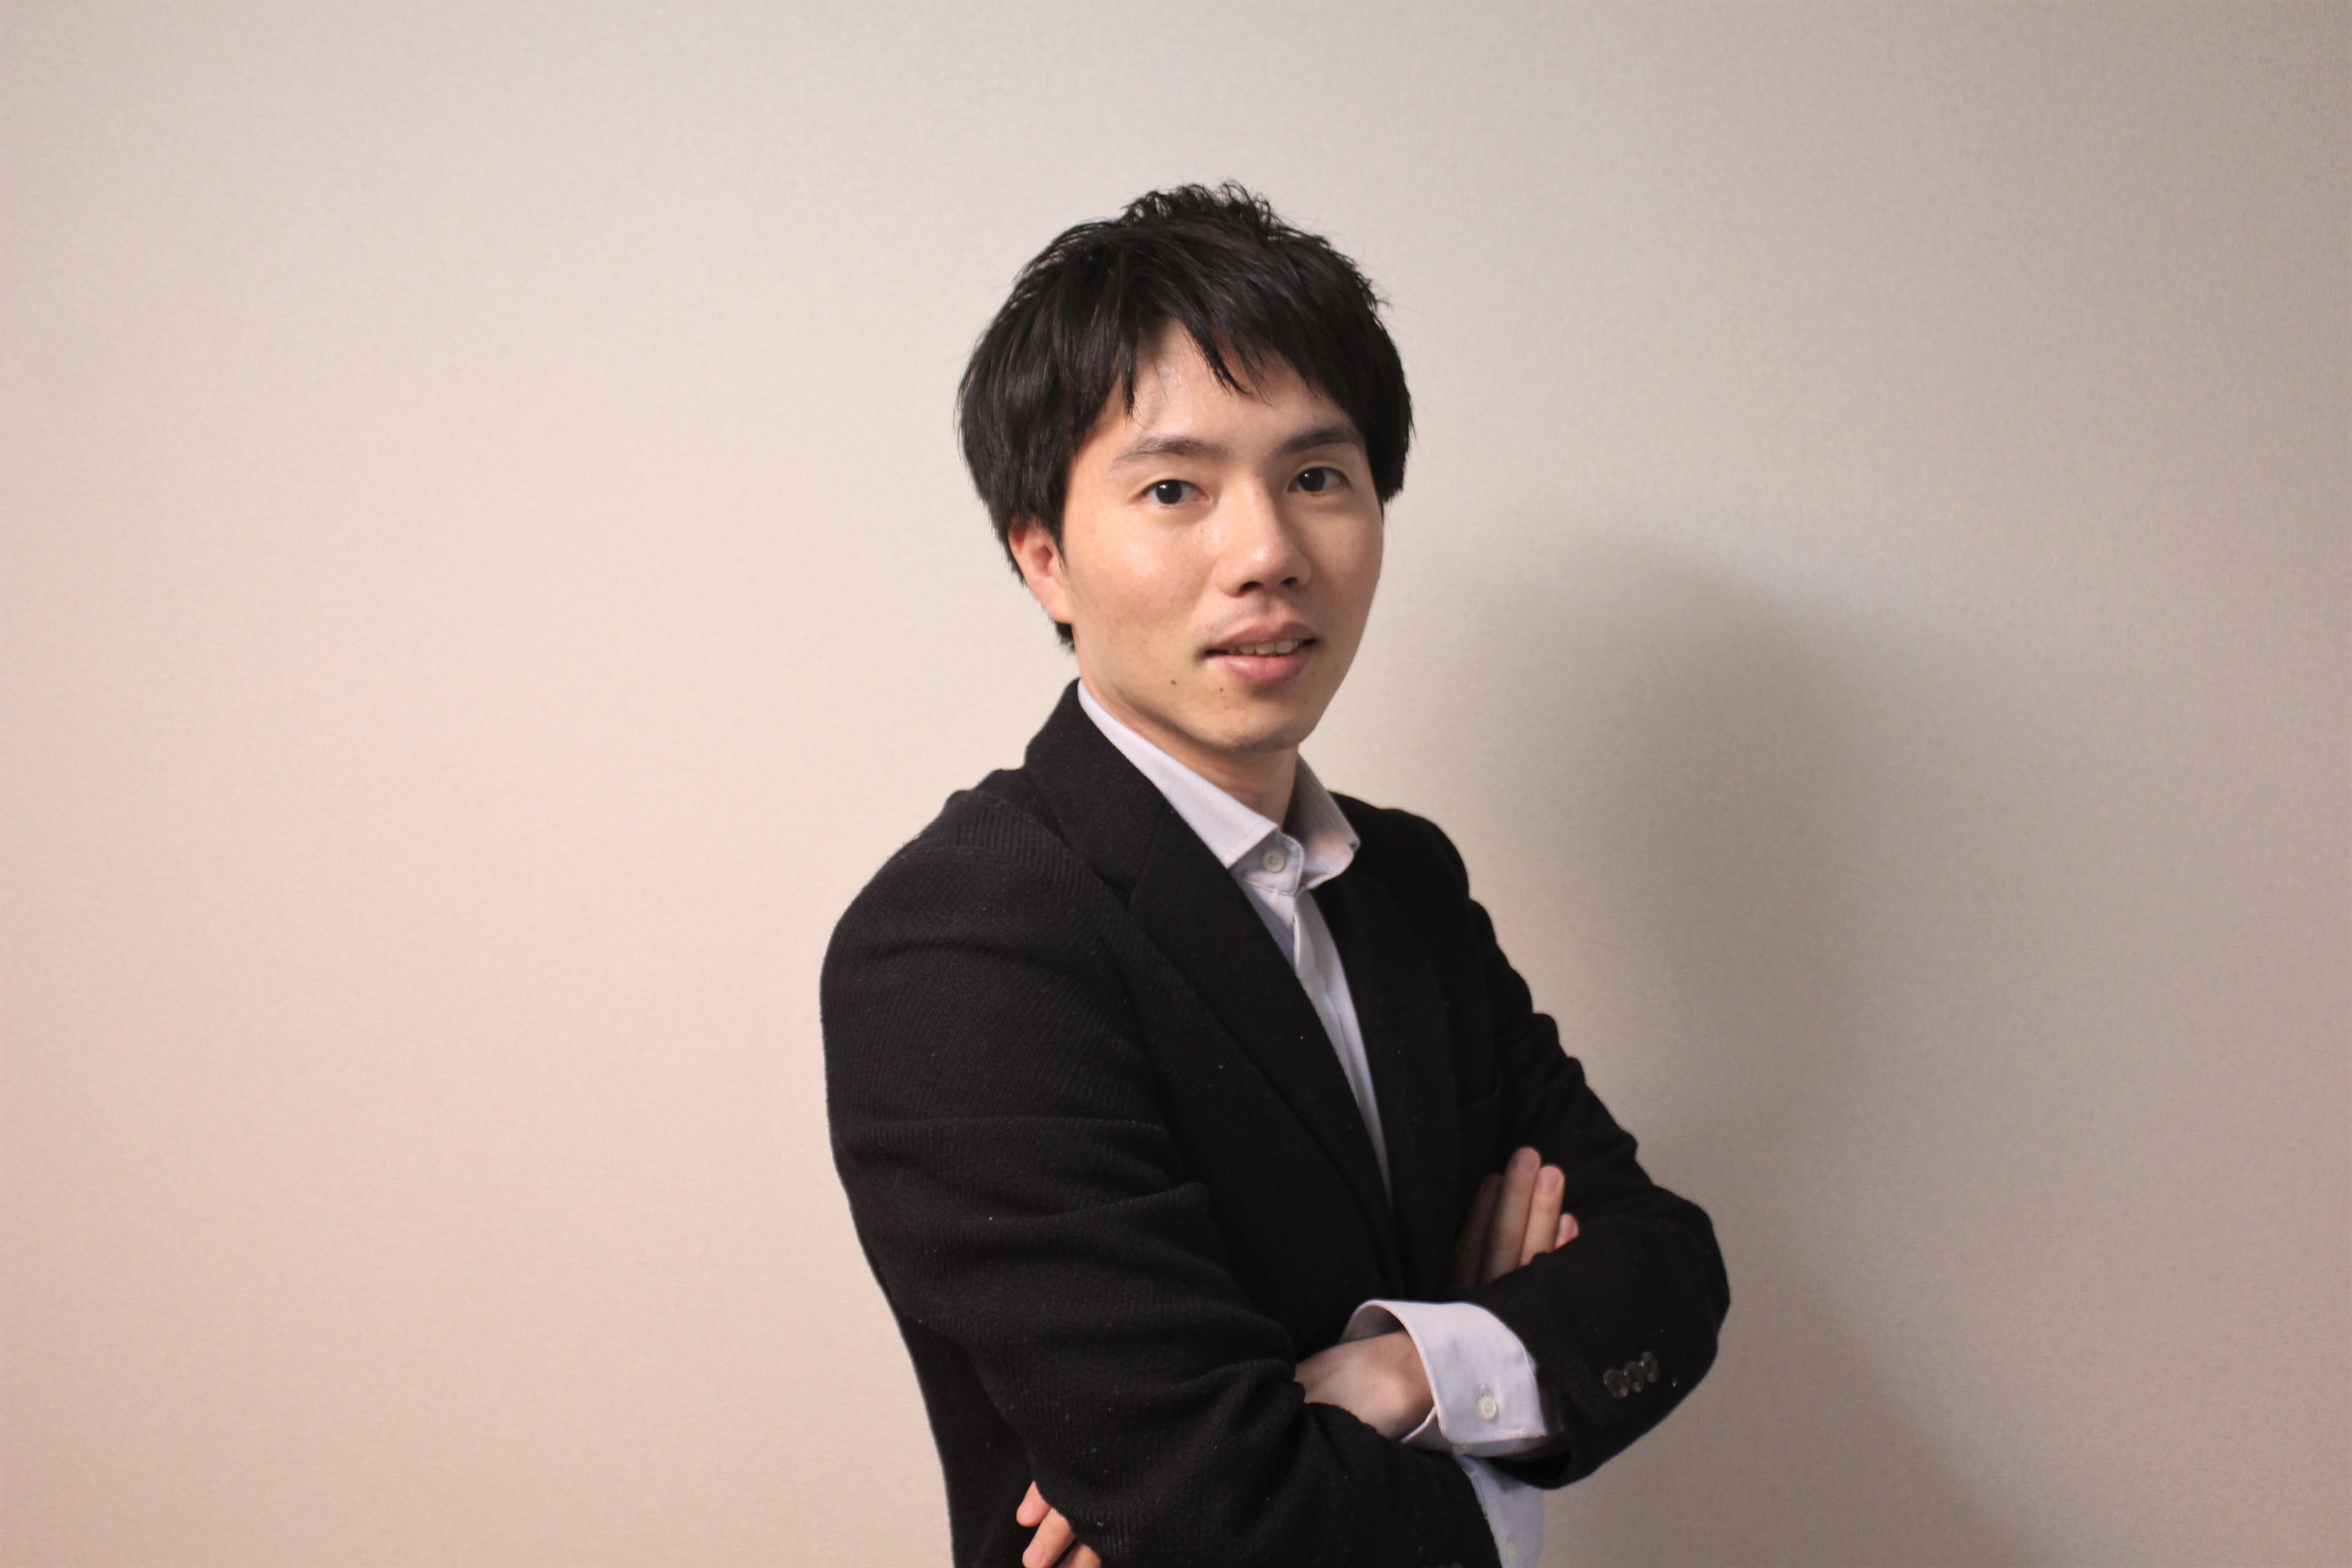 株式会社クリエイティブホープ 永井悠貴